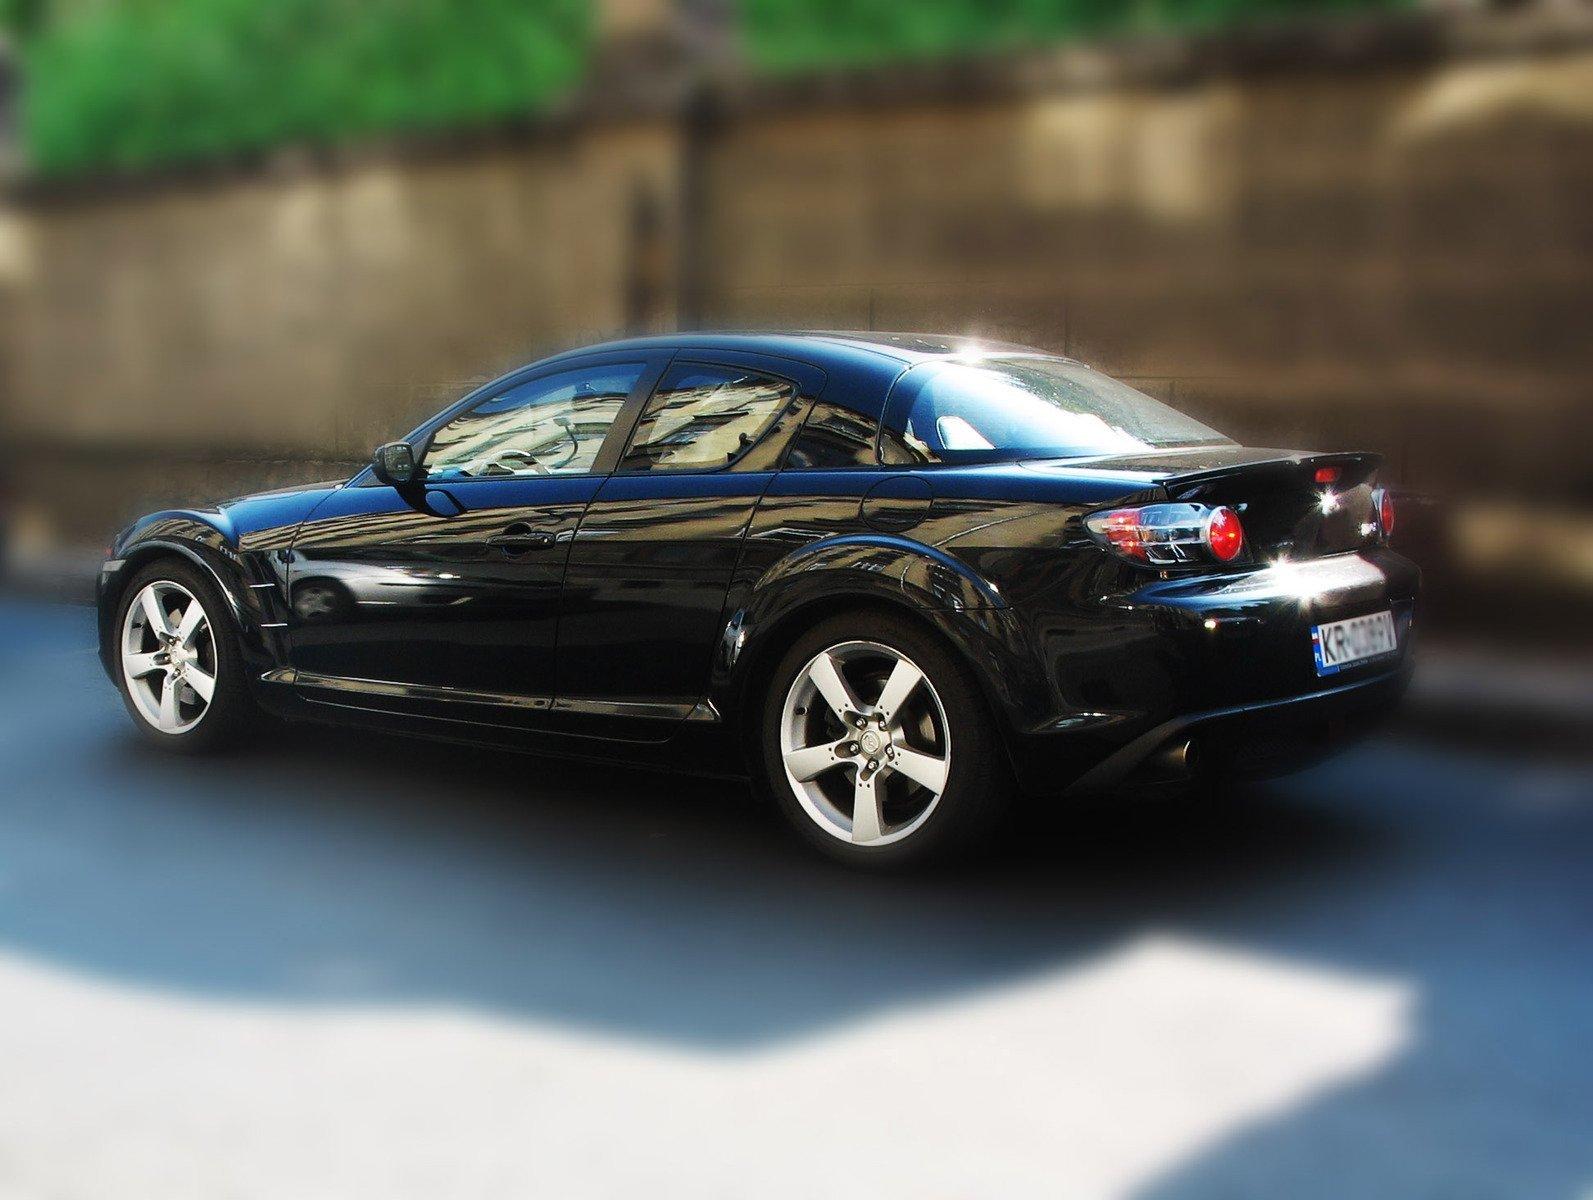 japanes-car-1449114.jpg